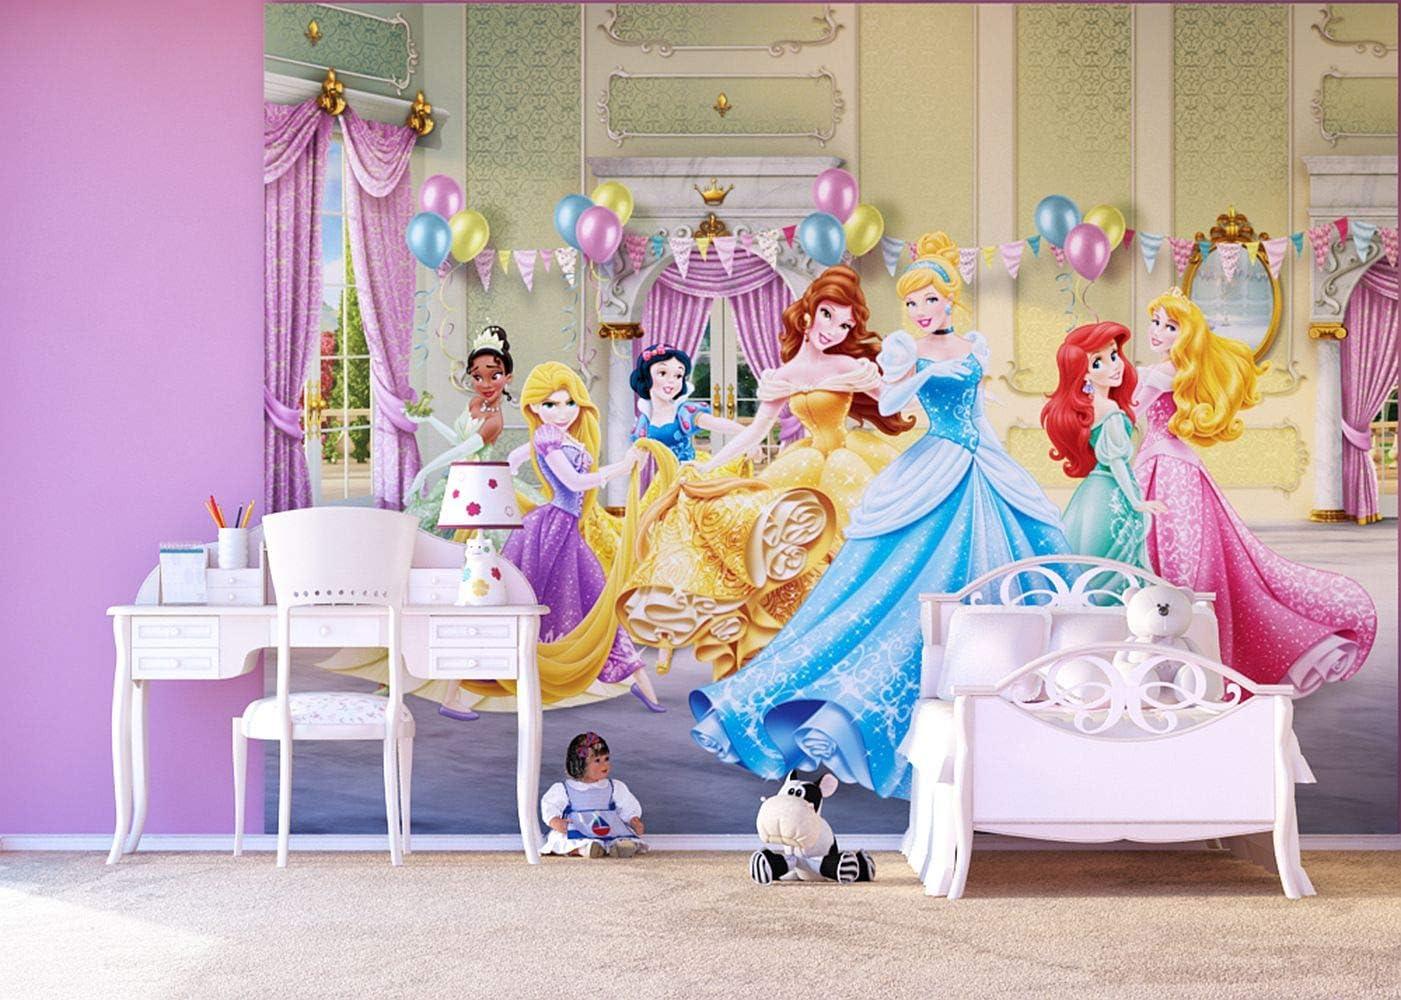 Dise/ño de AG FTDxxl2227 Fototapeten Bildtapete de Pared-de Tela fotomurales de Princesas Disney